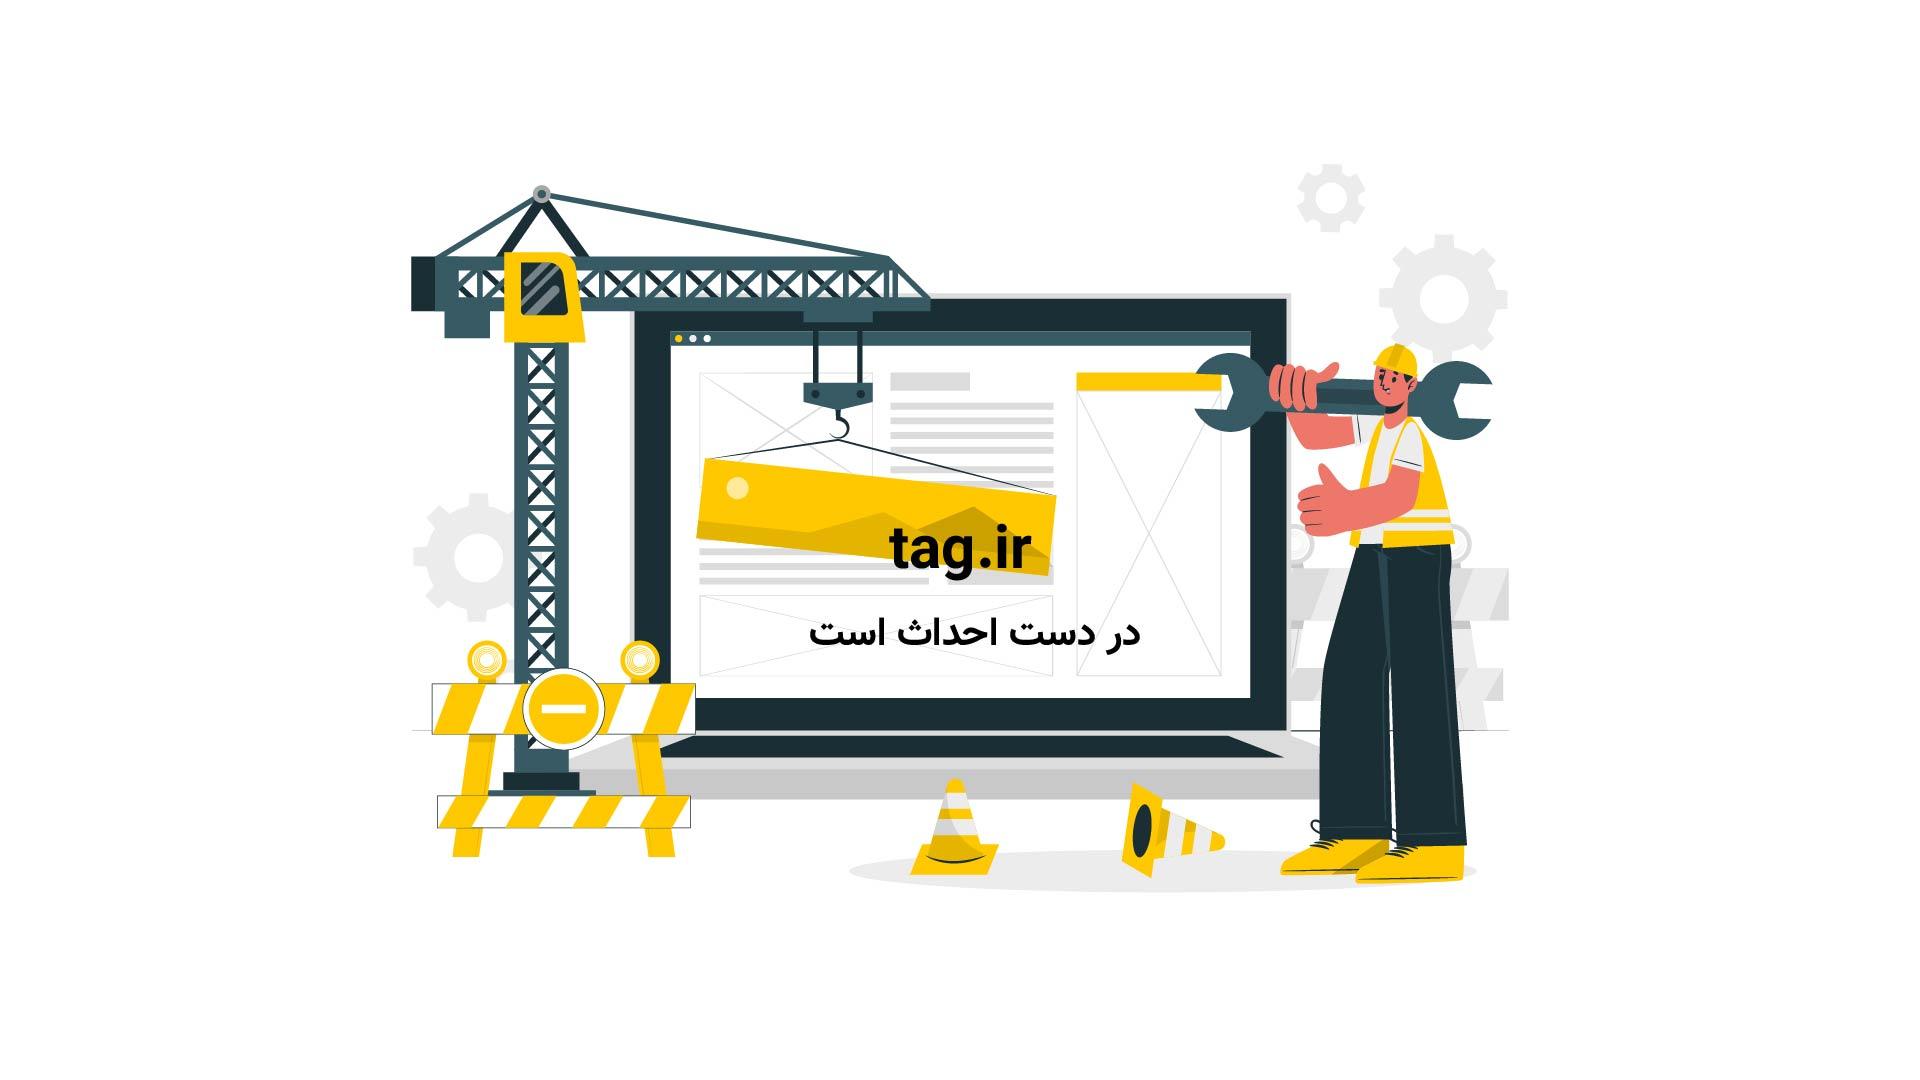 حمله و تیر اندازی در موزه لوور پاریس | فیلم